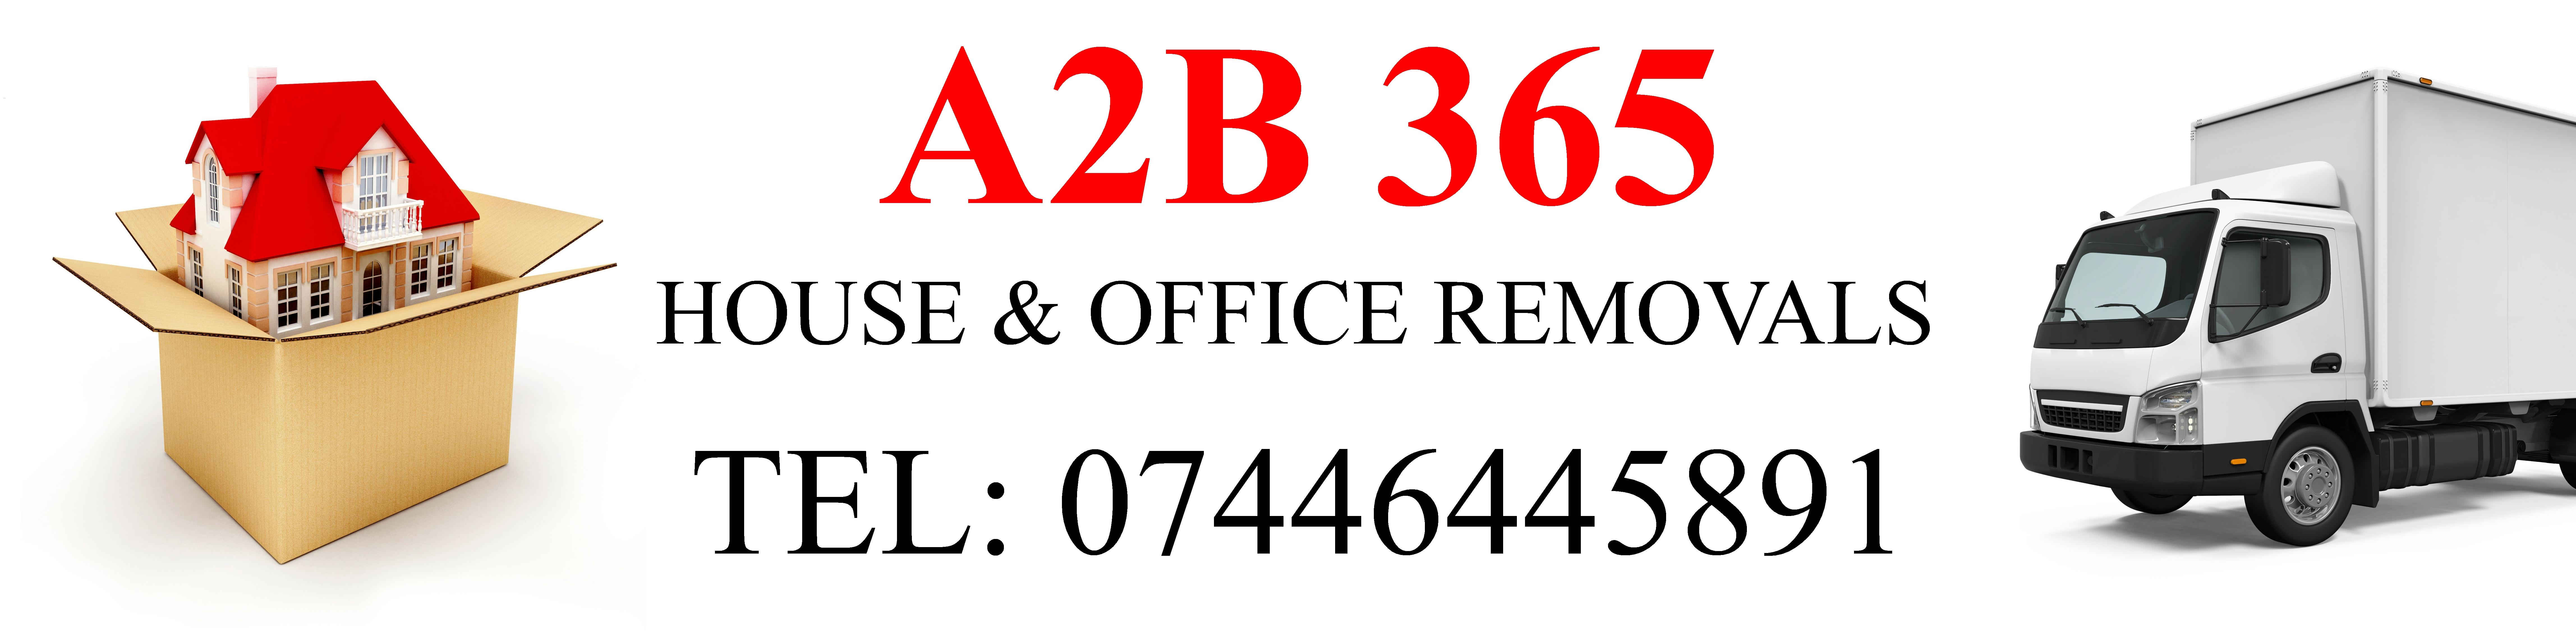 A2B 365